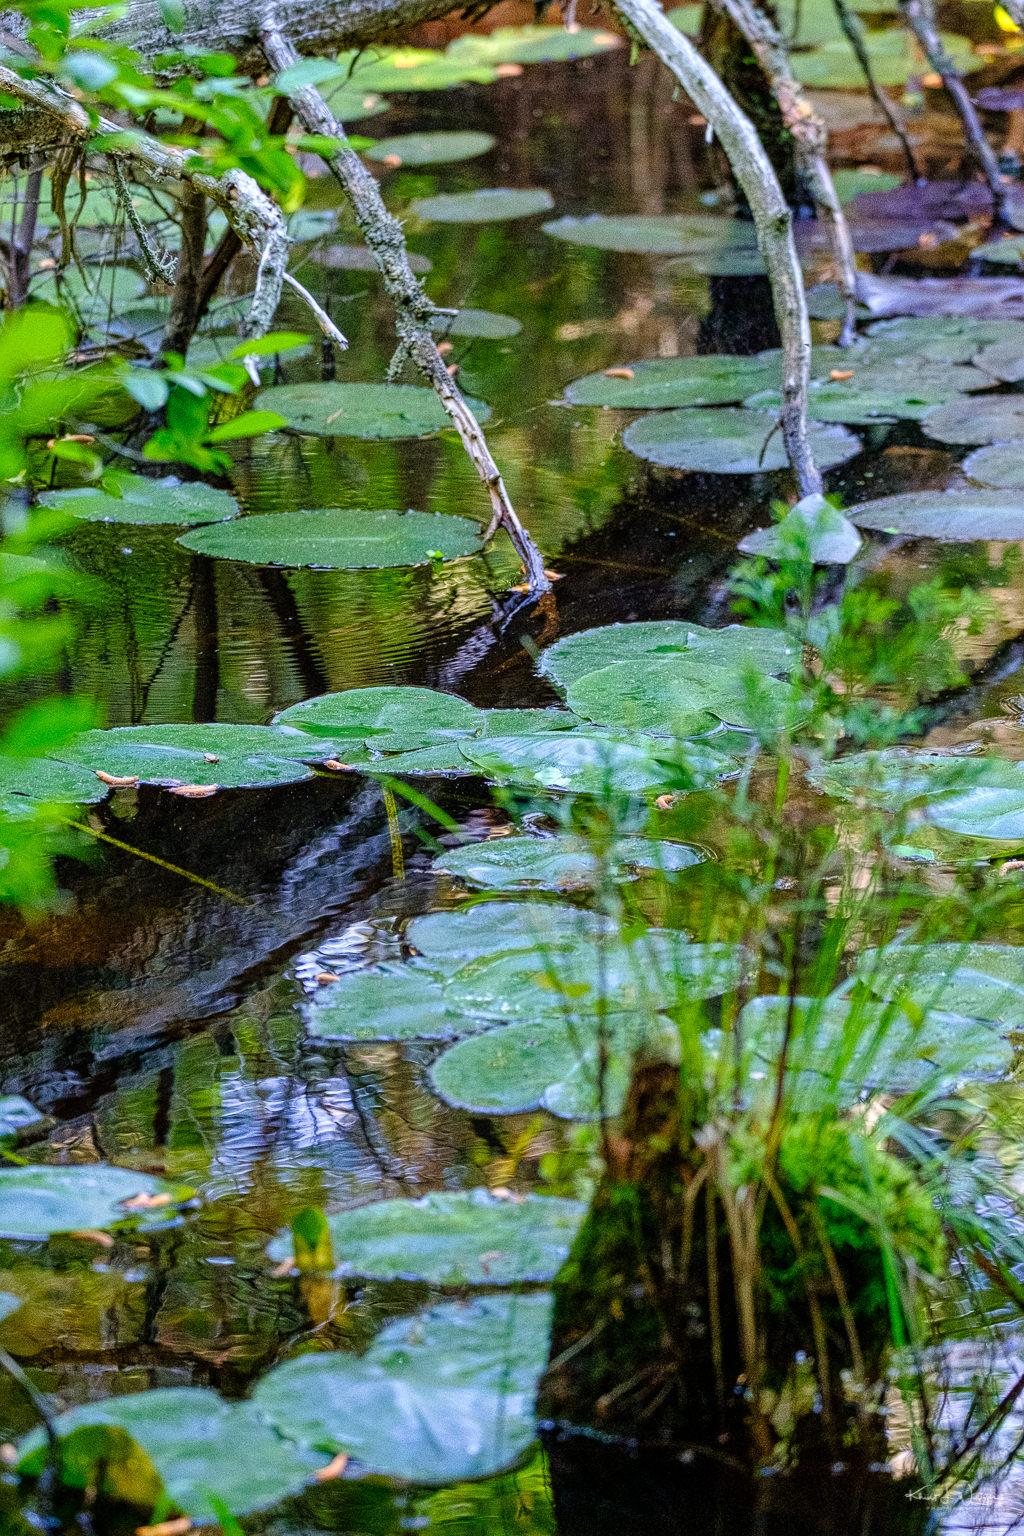 water lillies, lotus